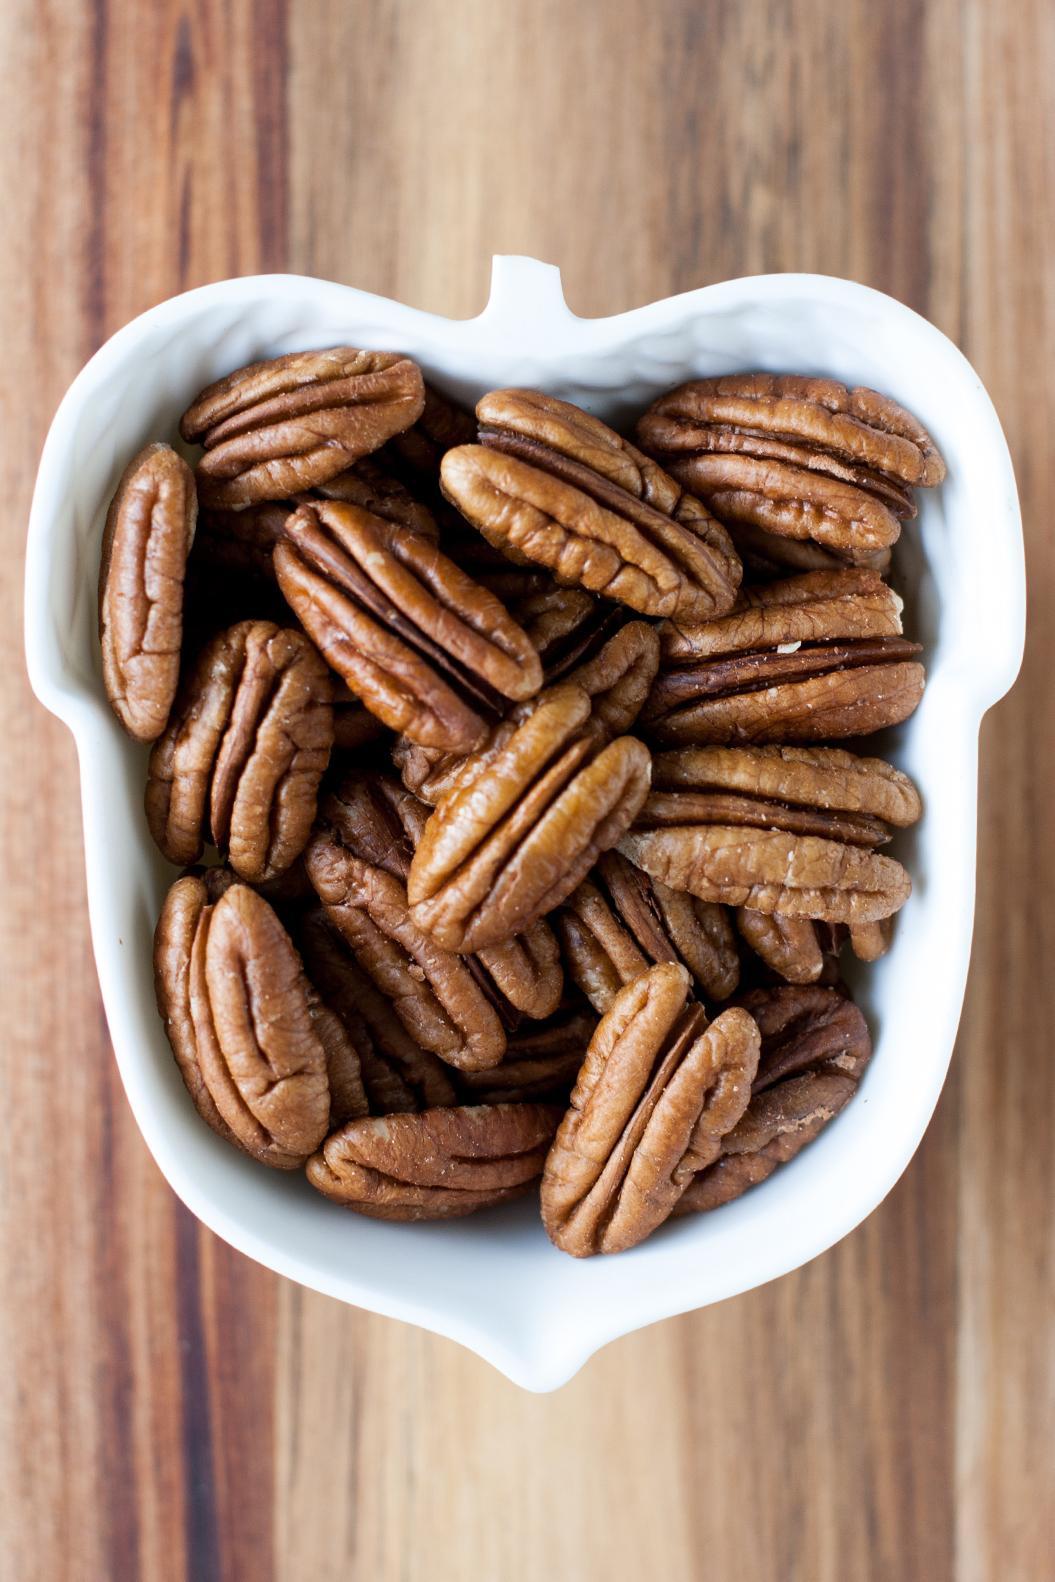 Vit Choklad- och Pekanbitar | Baker vs. Runner